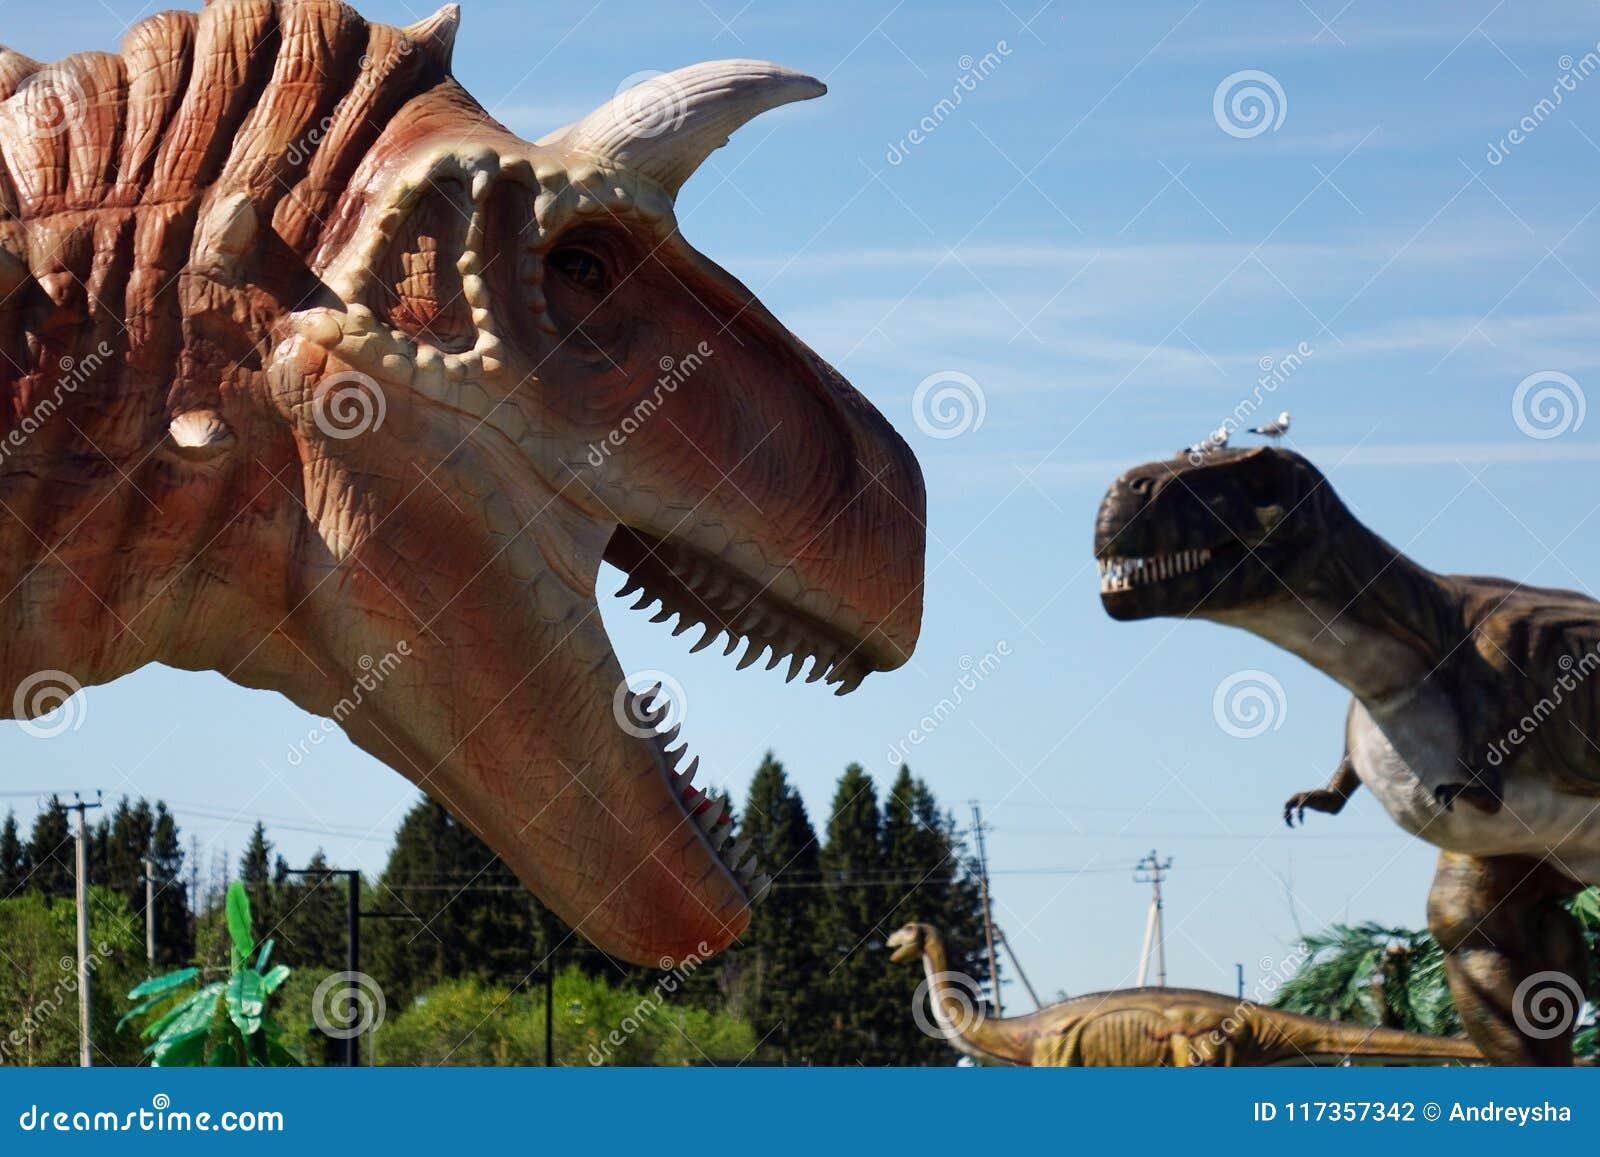 Rusia - 20 pueden 2018 Animales del período jurásico Dinosaurio en el fondo del cielo azul